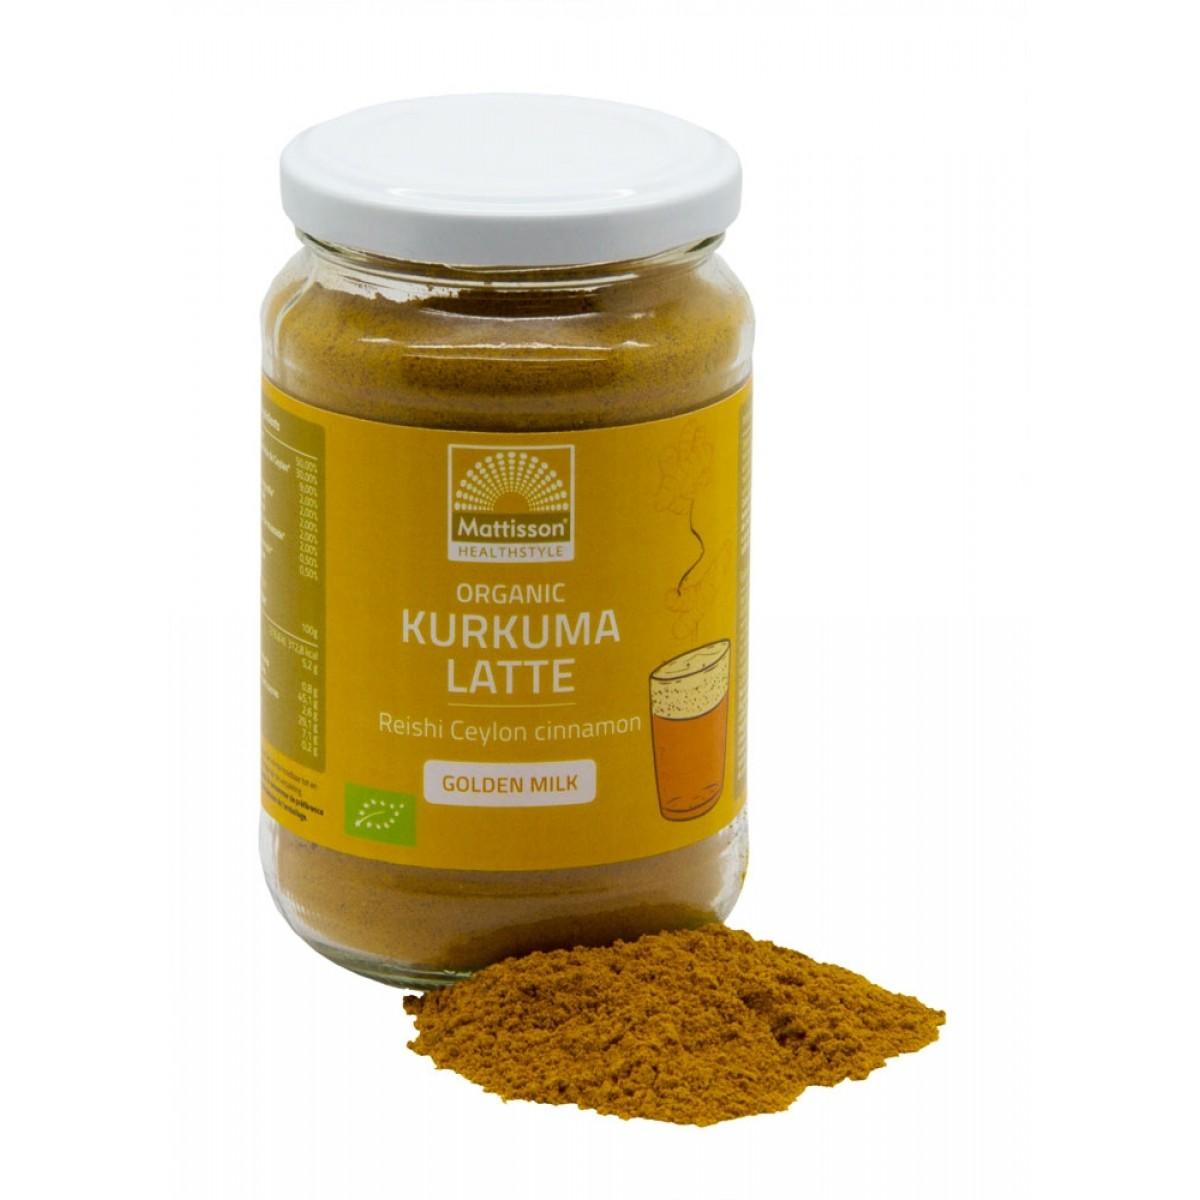 Kurkuma Latte Goldenmilk Reishi - Ceylon Kaneel